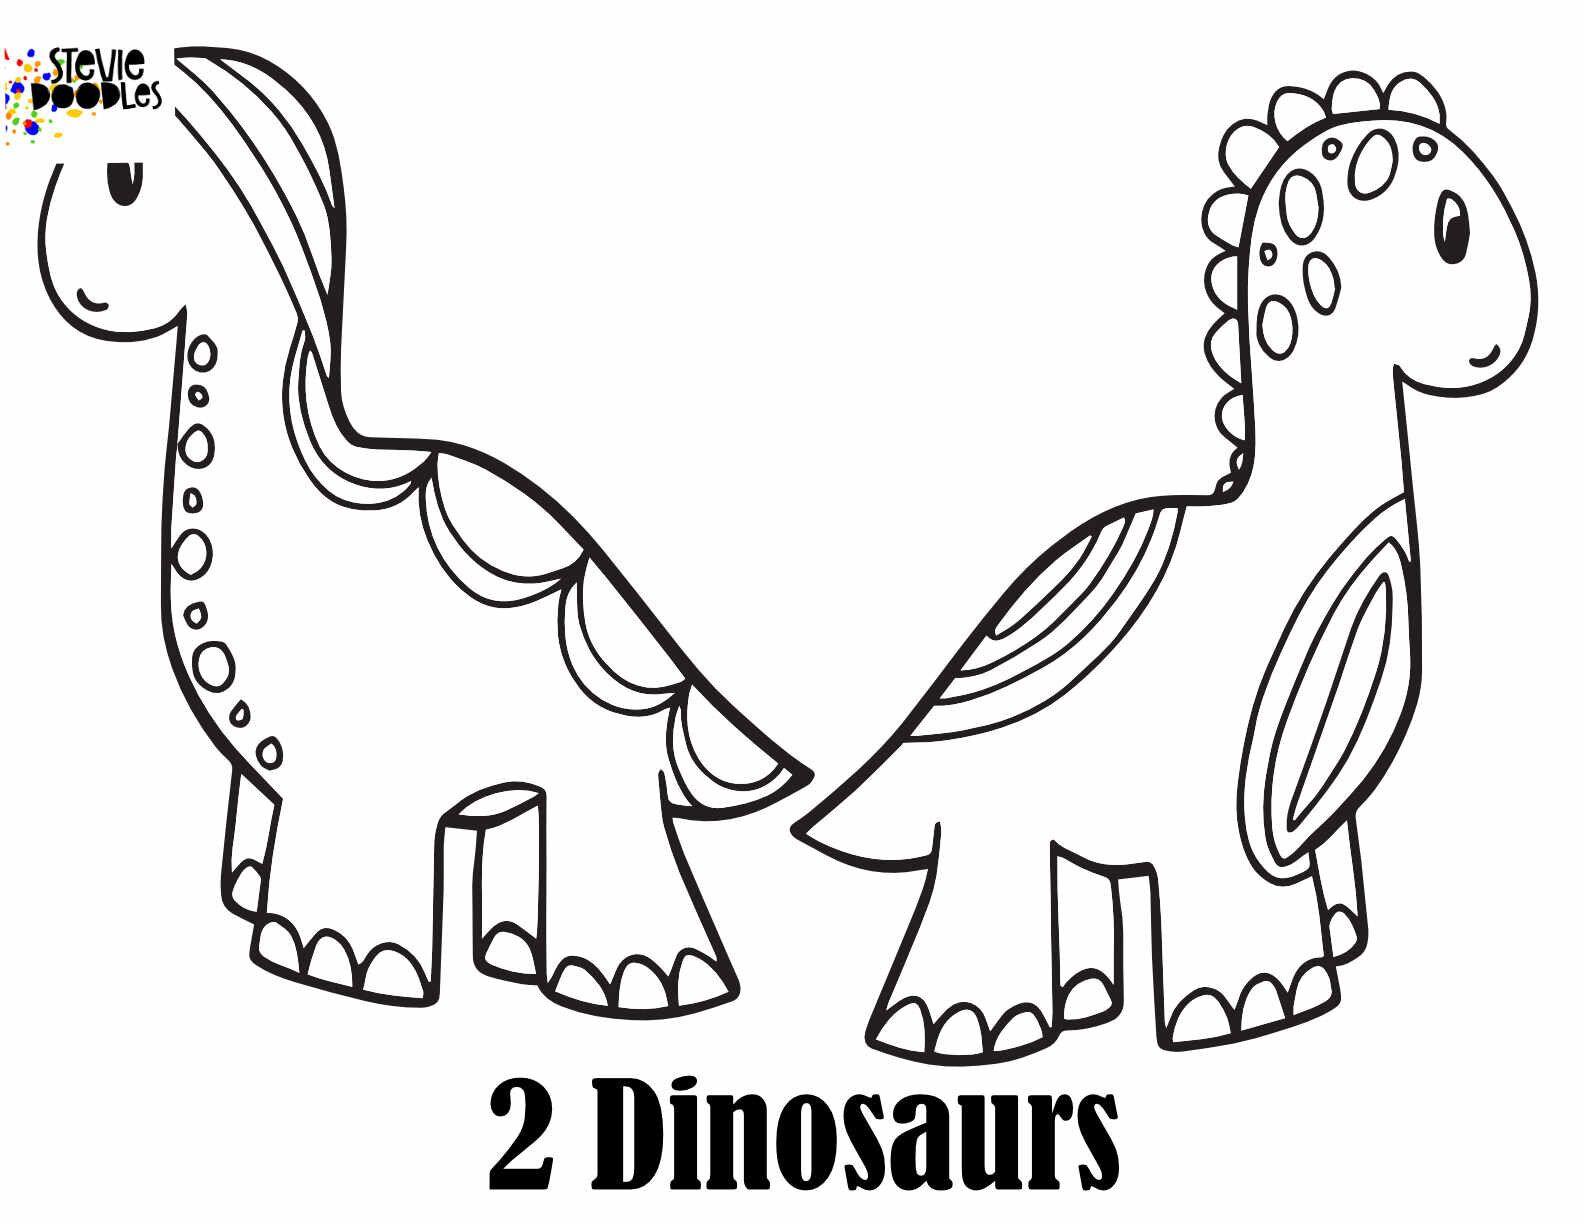 Dinosaur Numbers Free Numbers 1 10 Printable Dinosaur Coloring Pages Stevie Doo Dinosaur Coloring Pages Kindergarten Coloring Pages Animal Coloring Pages